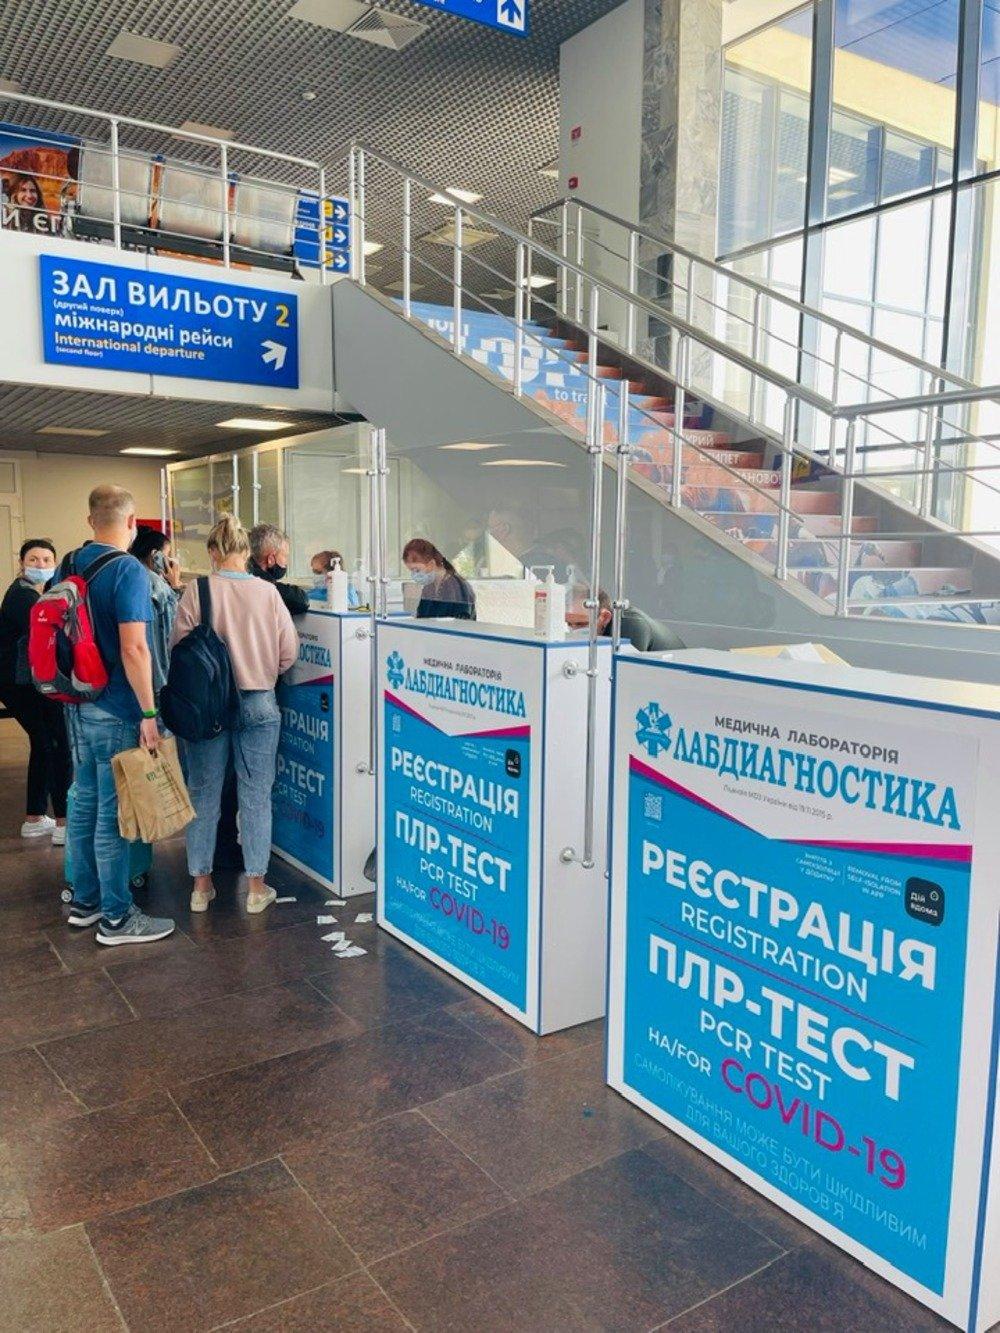 В Николаевском аэропорту можно сдать ПЦР-тест